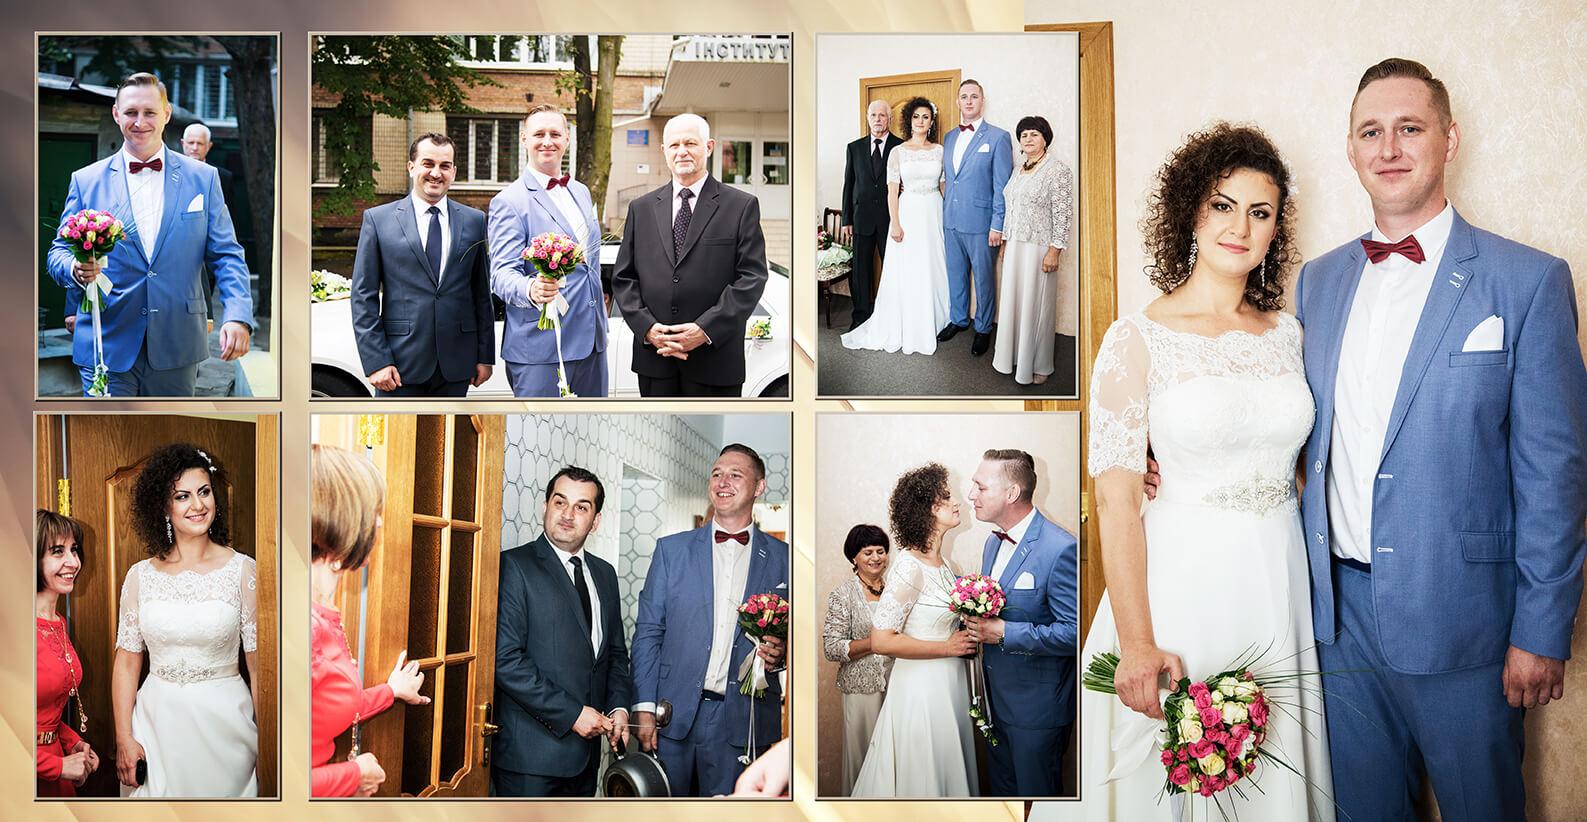 svadebnaja-fotokniga-albom-zakazat-fotograf-kiev-primery-3